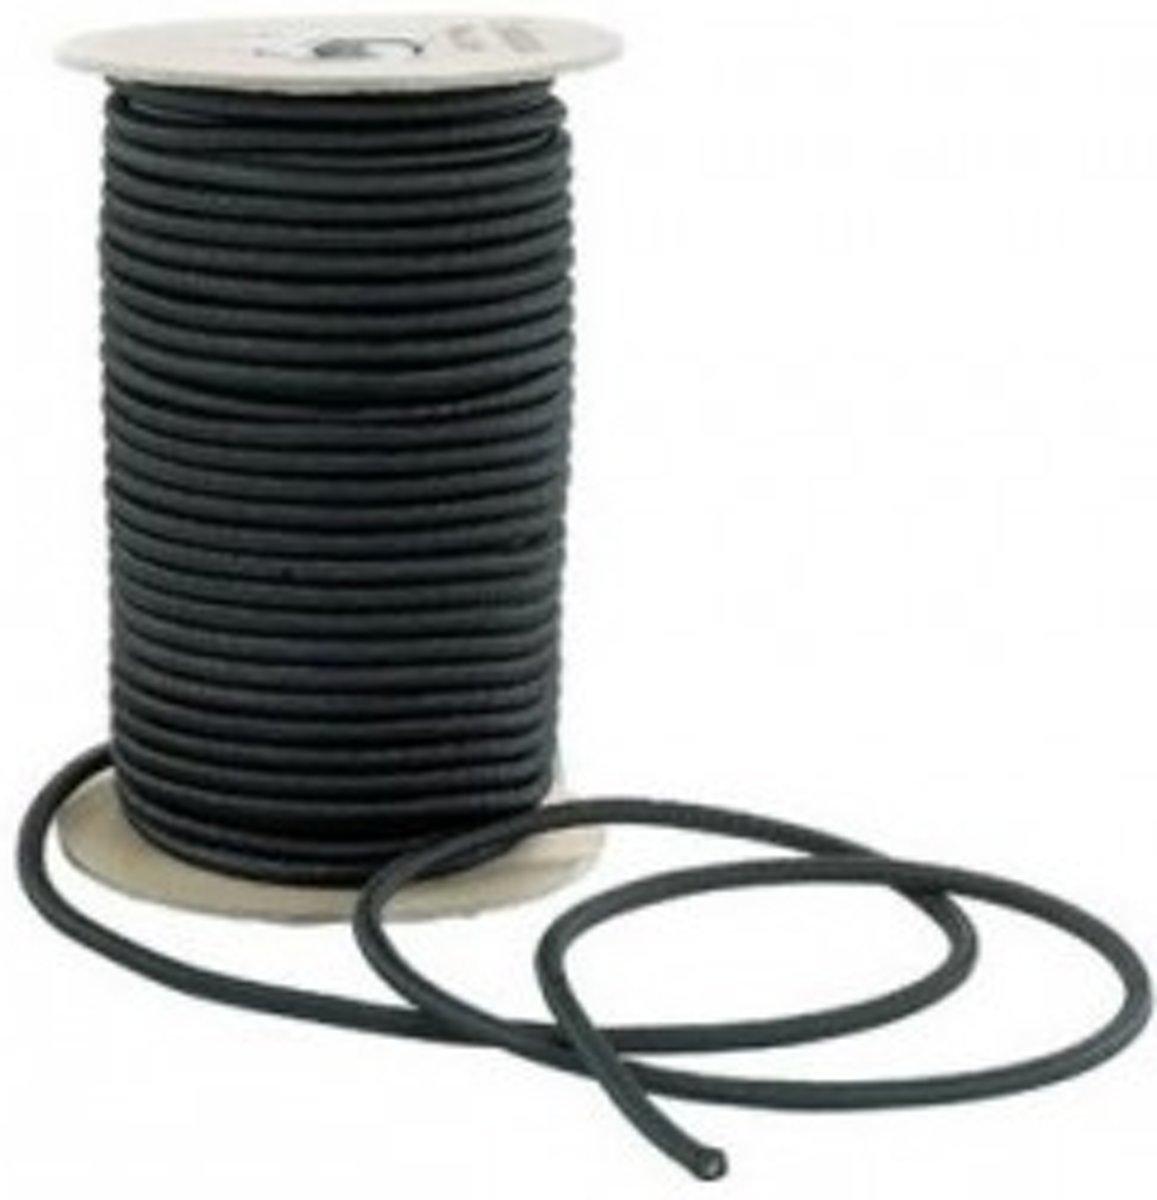 Elastisch Touw - 6 mm - ZWART - elastiek per meter kopen